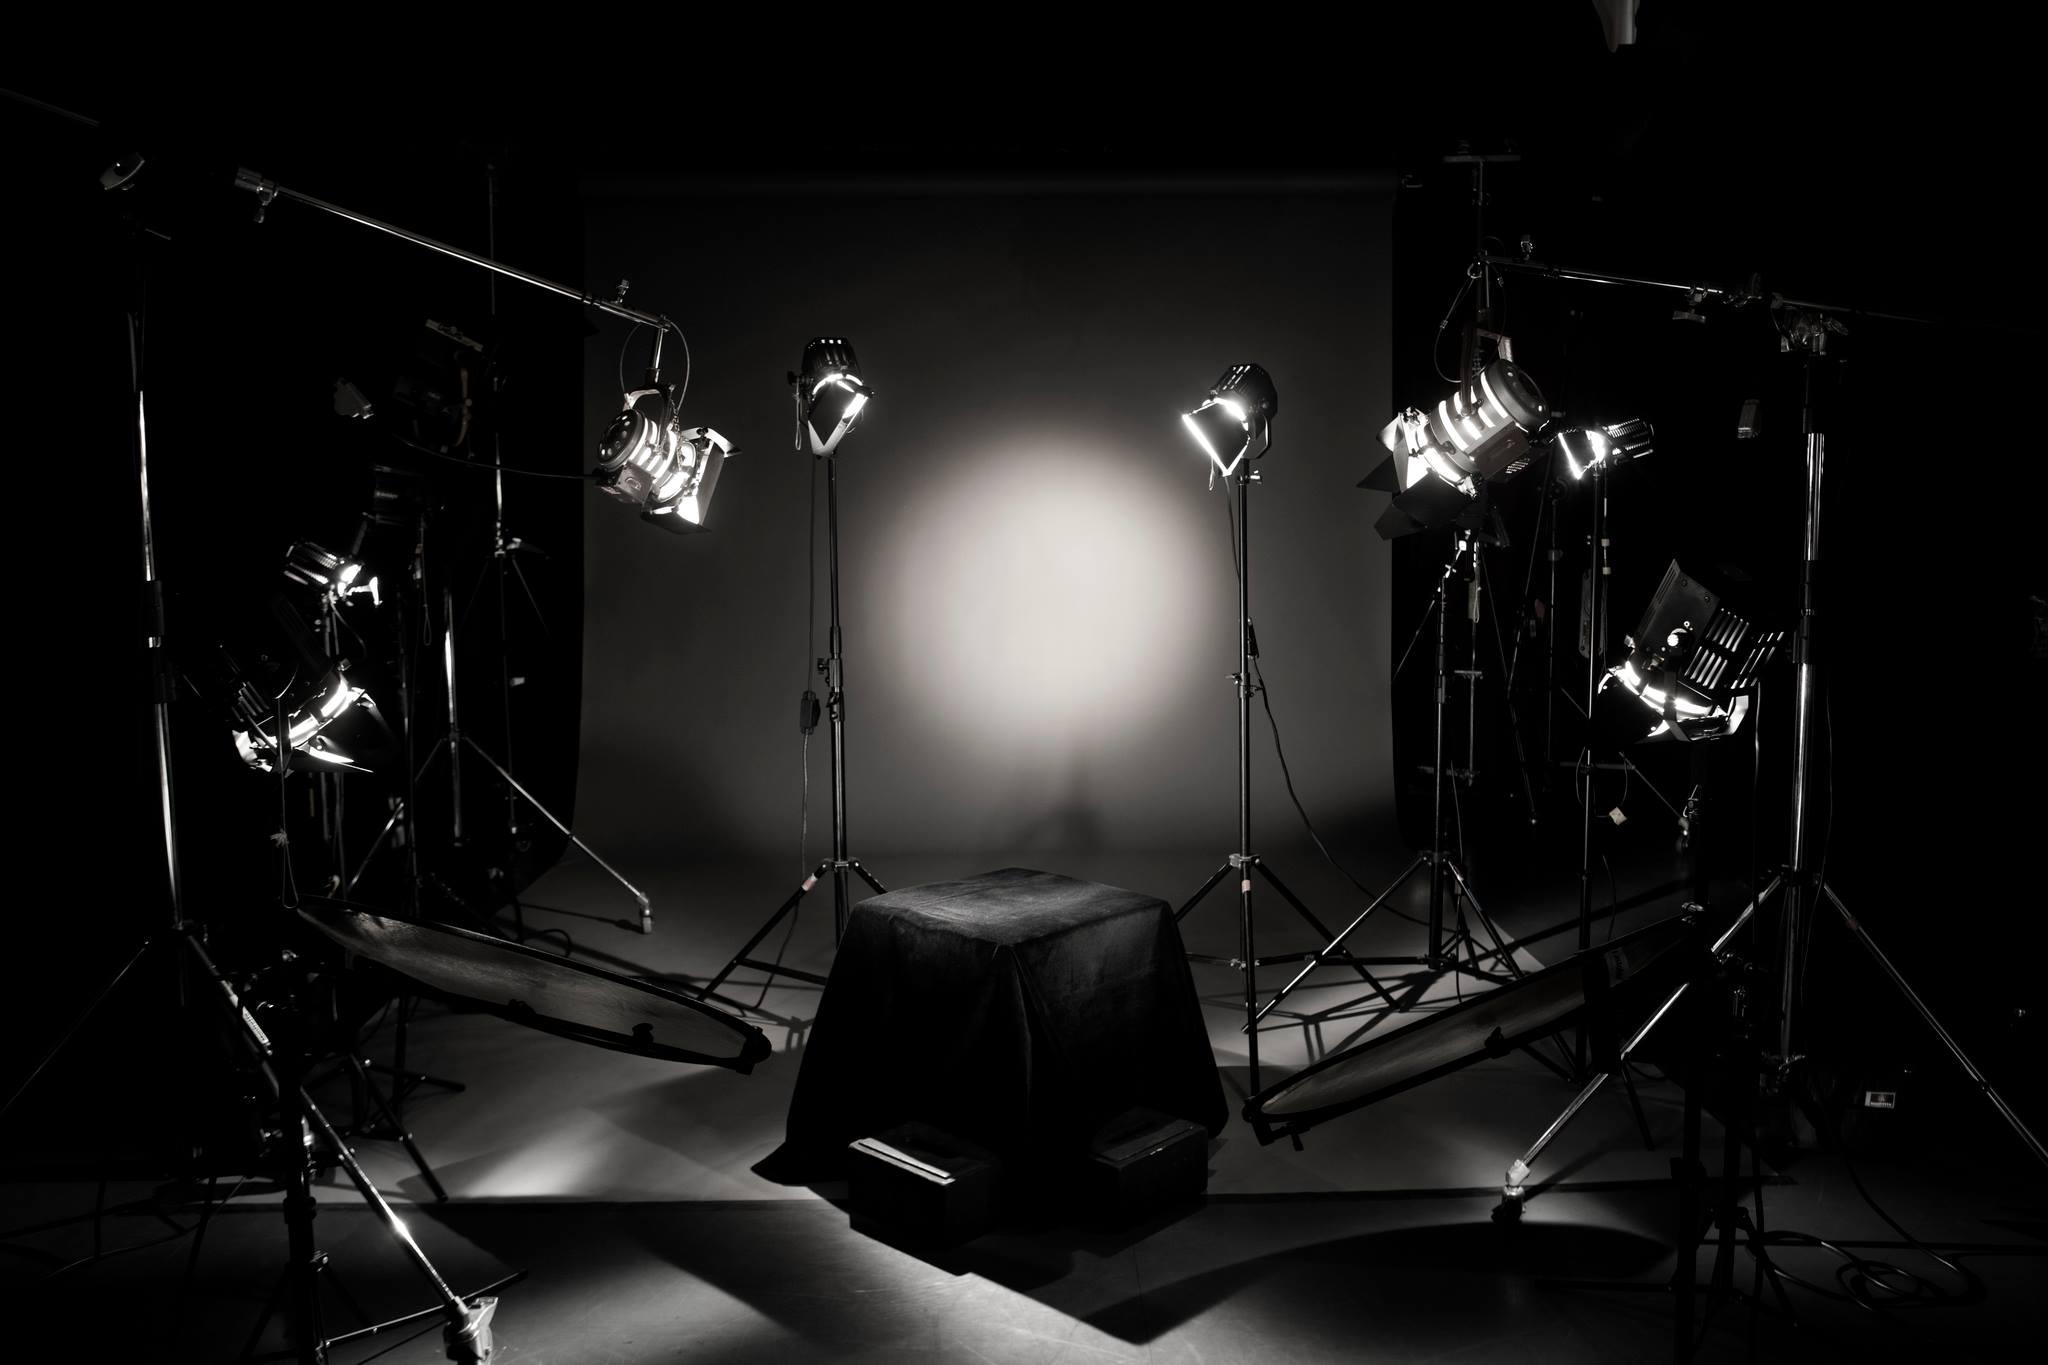 Devenir photographe: un métier de rêve parfois difficile